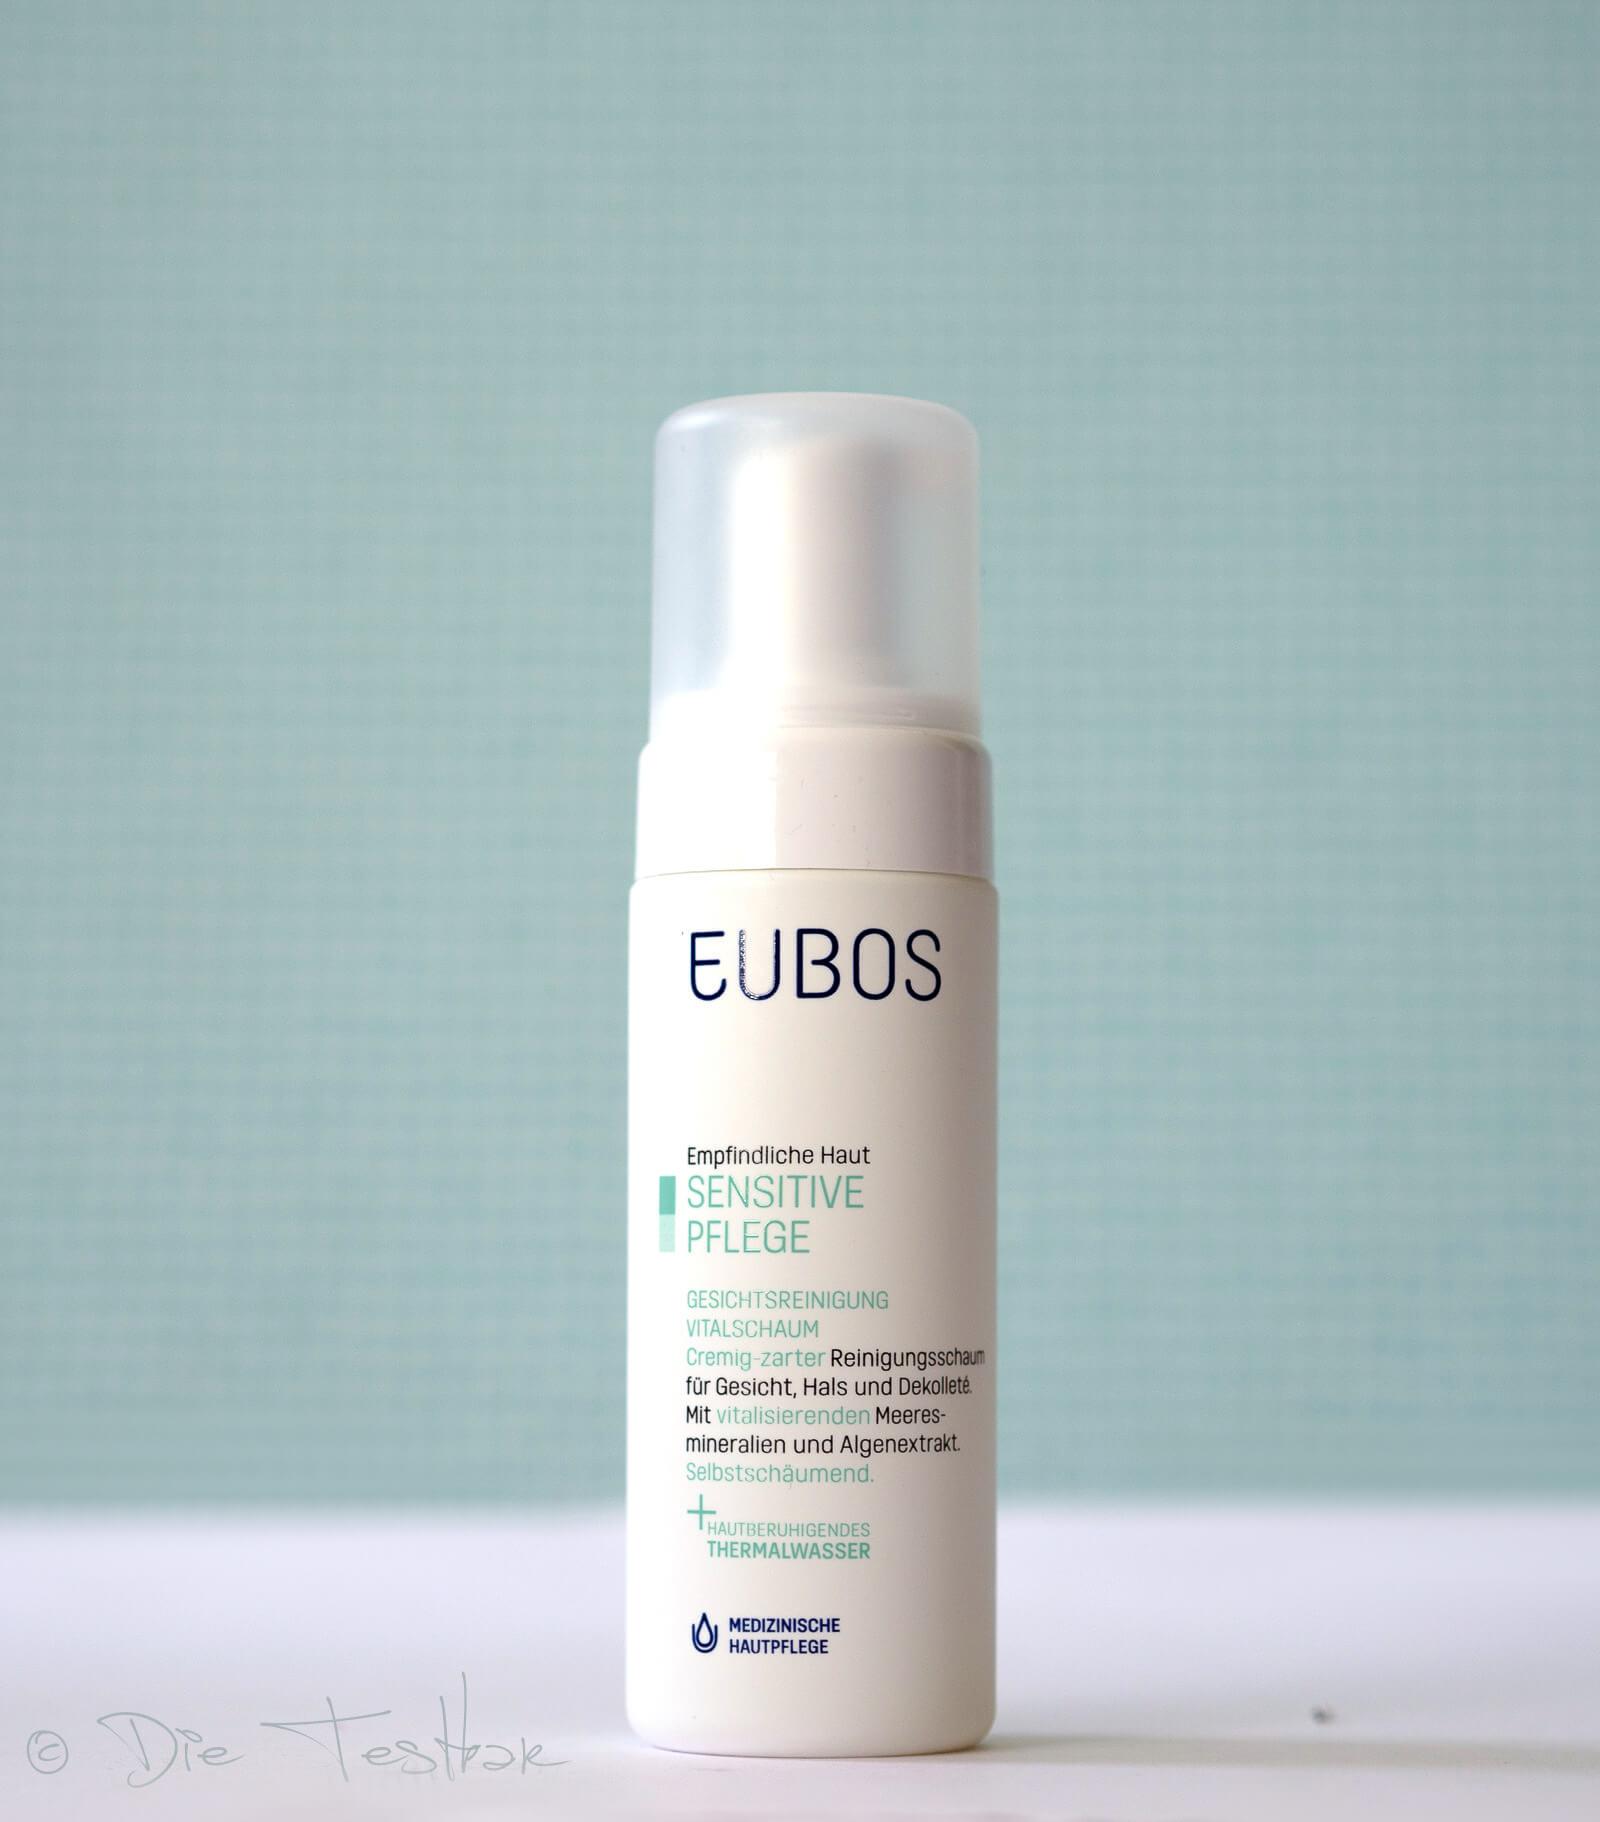 Ninas sanfte Gesichtsreinigung, reichhaltige Gesichtspflege und pflegender Virenschutz mit Eubos